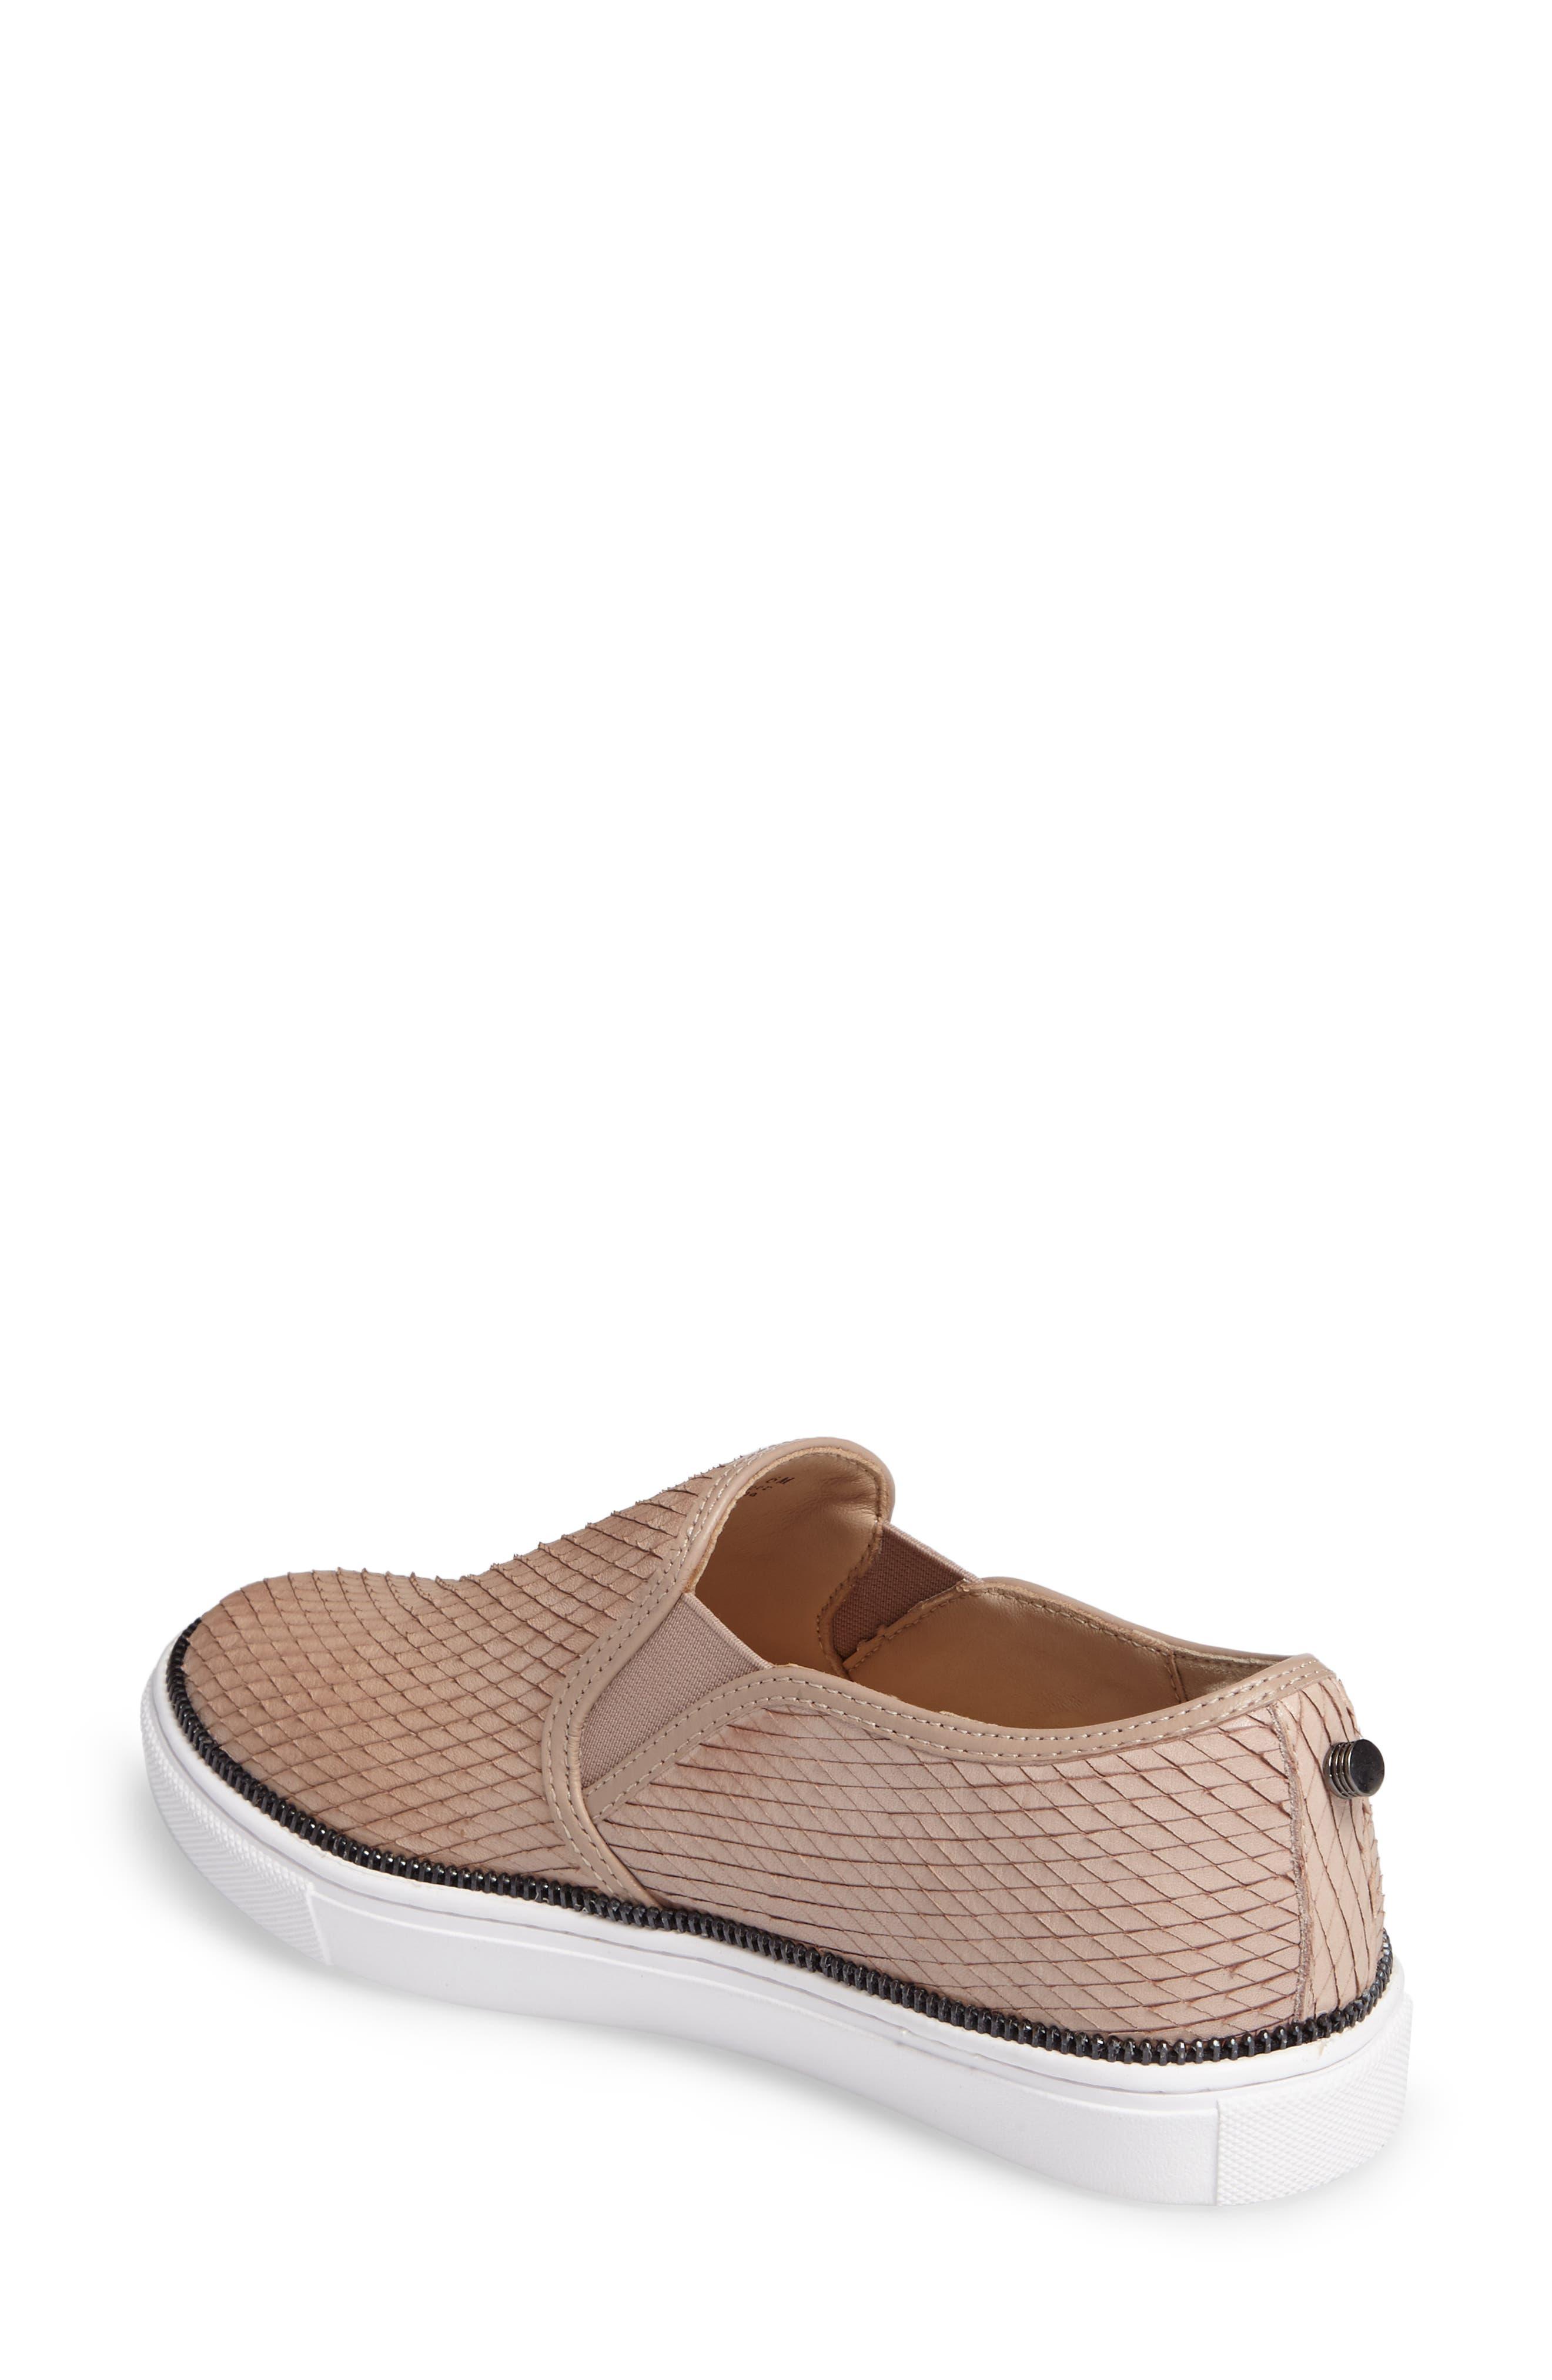 Harper Slip-On Sneaker,                             Alternate thumbnail 6, color,                             Blush Snake